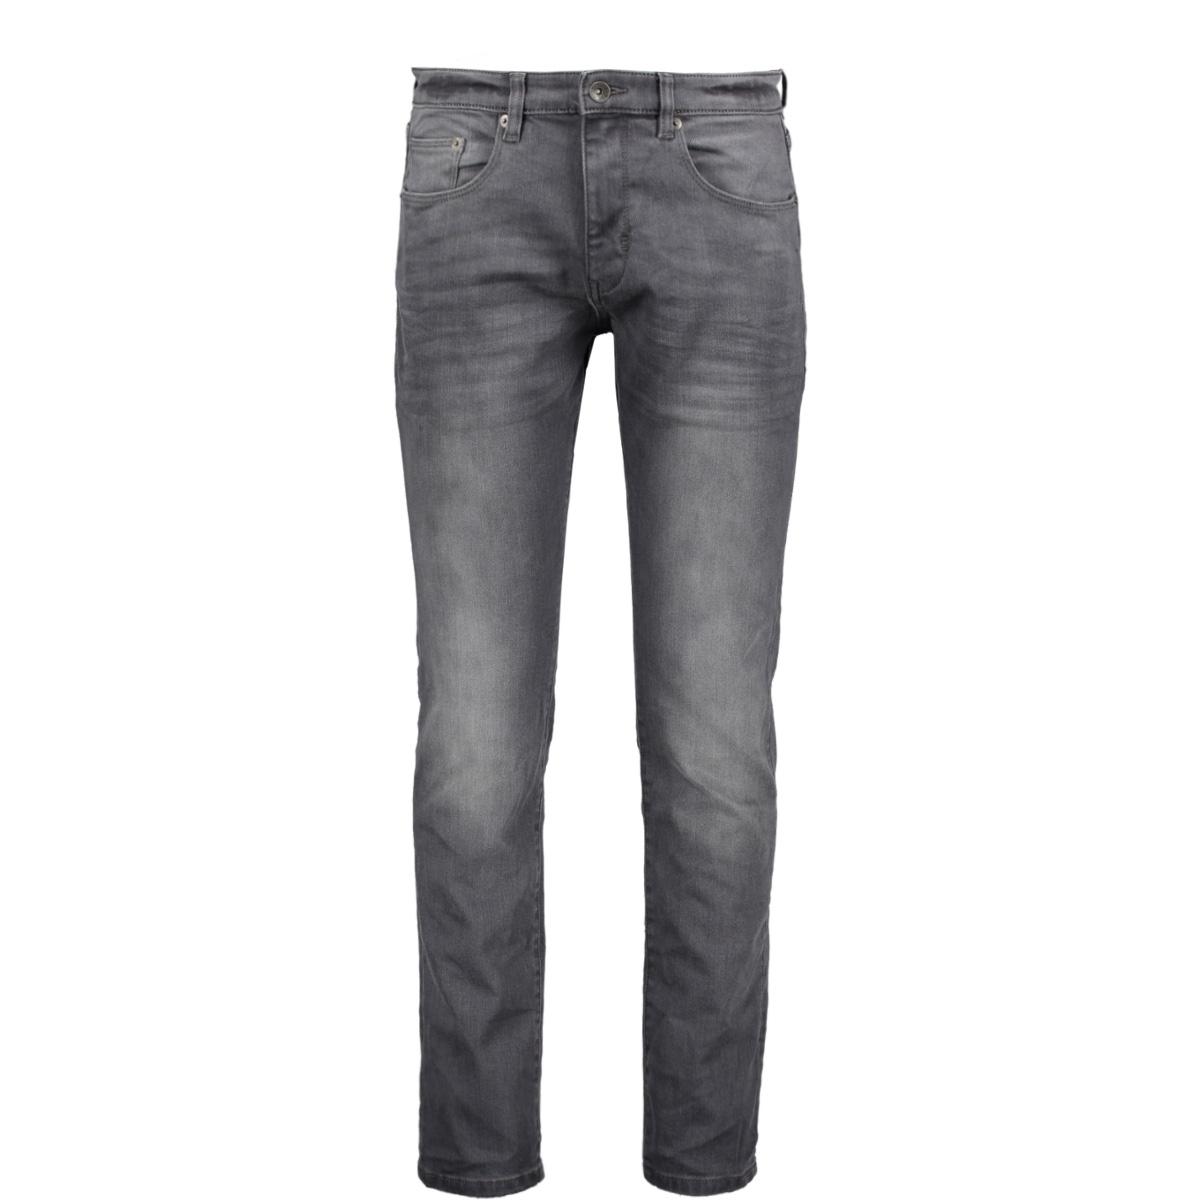 107ee2b037 esprit jeans e922